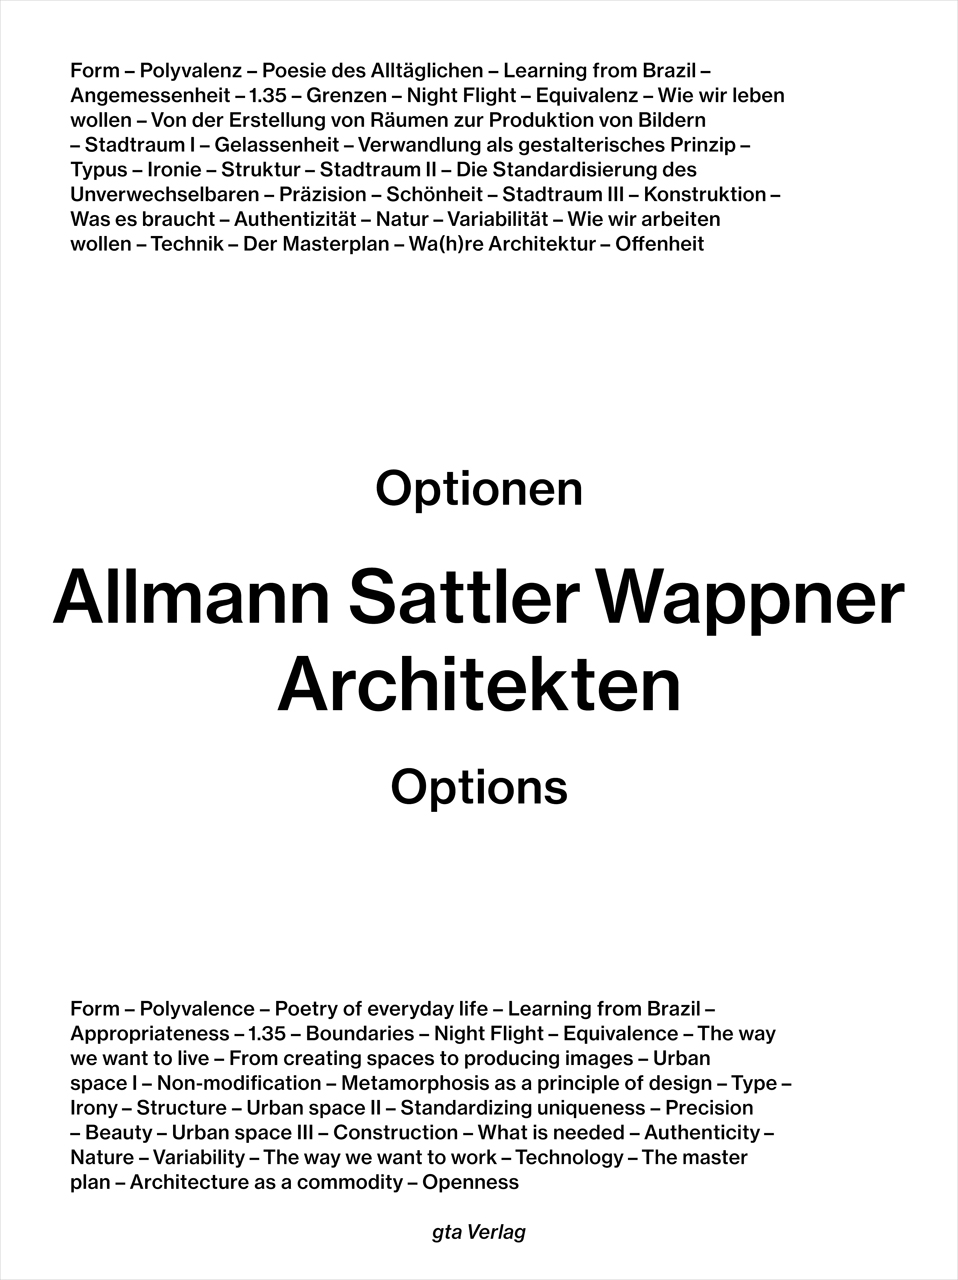 Was Braucht Als Architekt allmann sattler wappner architekten options leconte ferreira